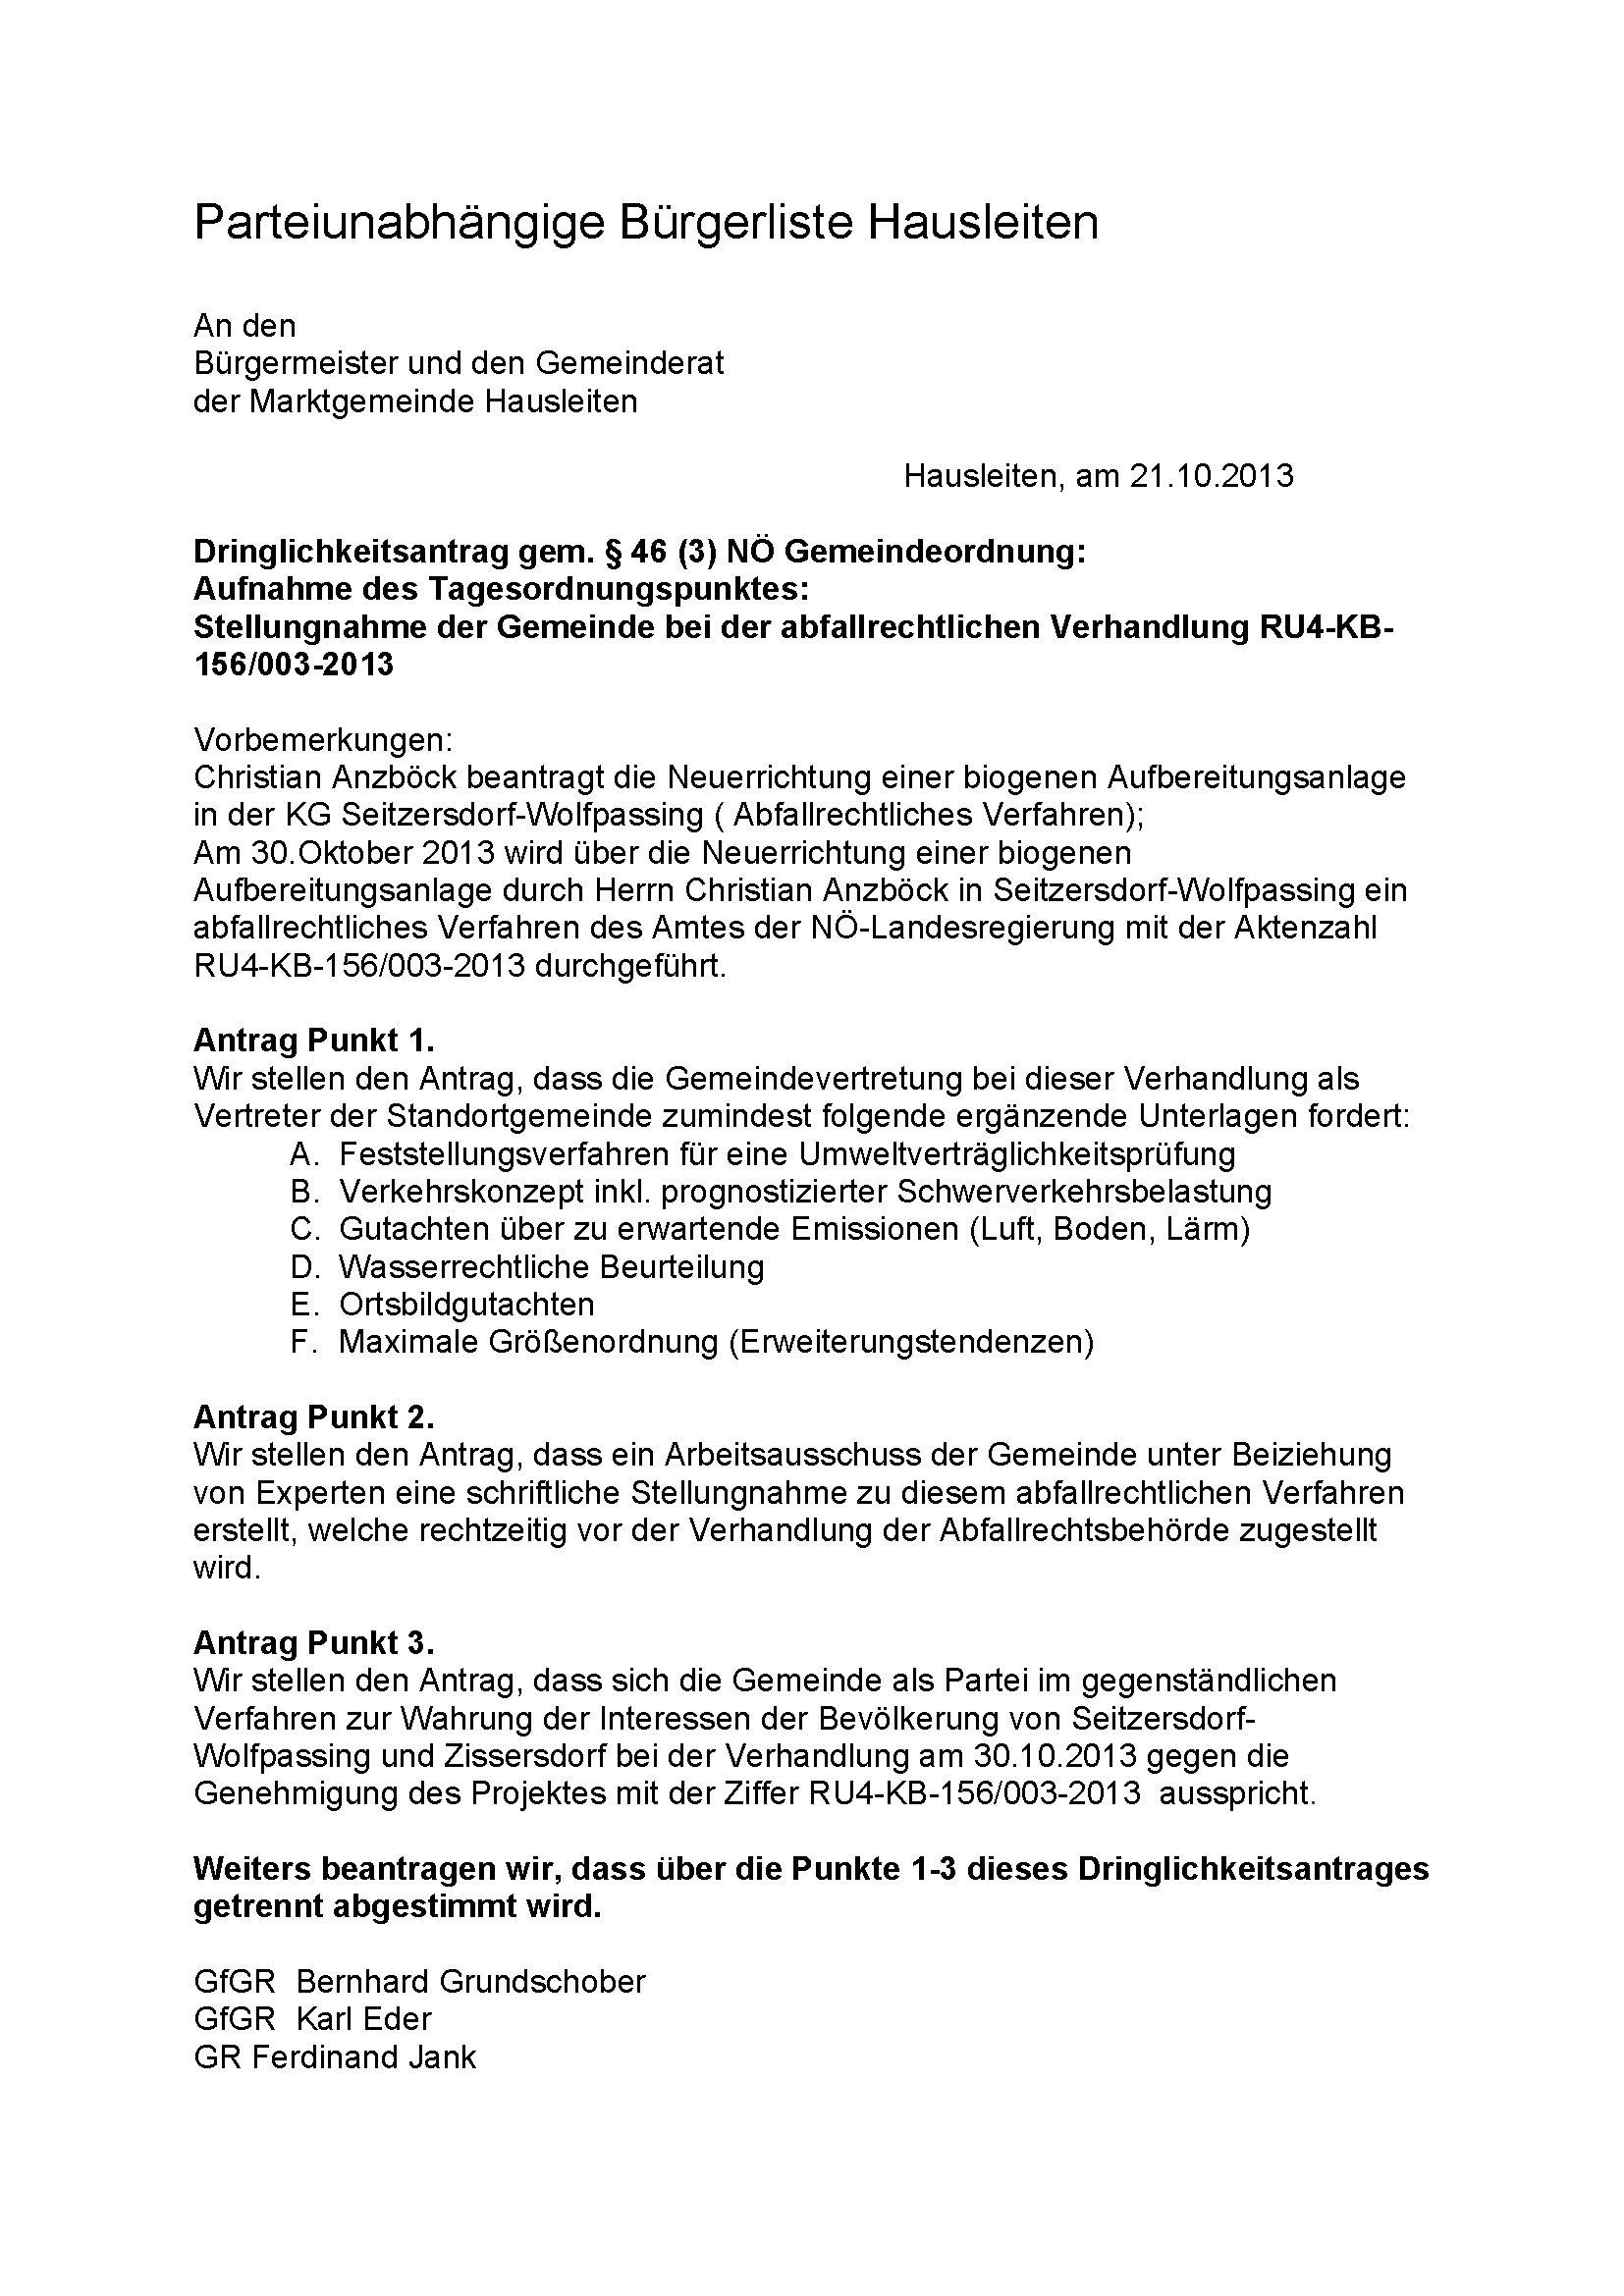 DringlichkeitsantragKompostieranlage3